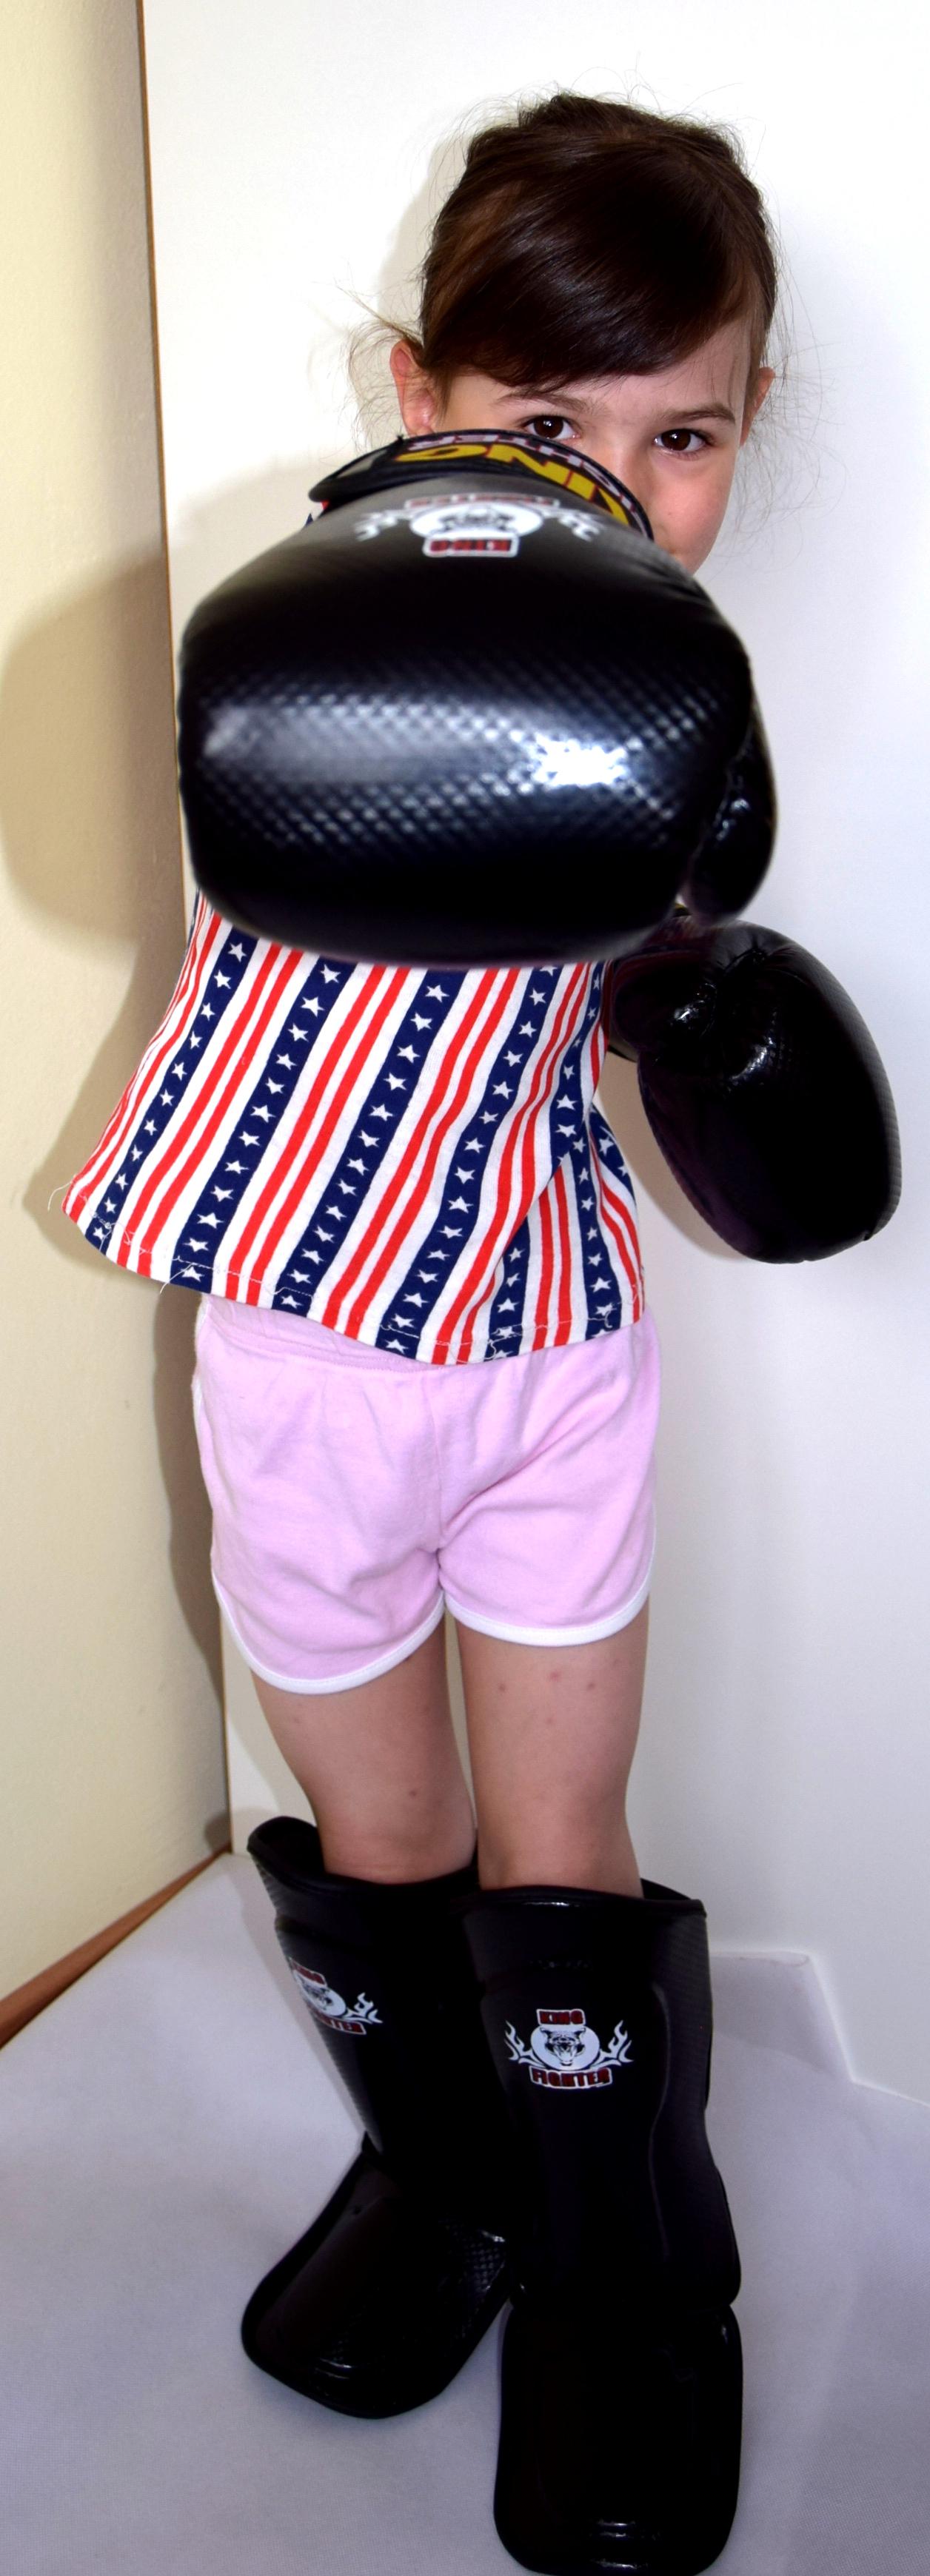 Dětské vybavení pro bojové sporty 727ab6ee05